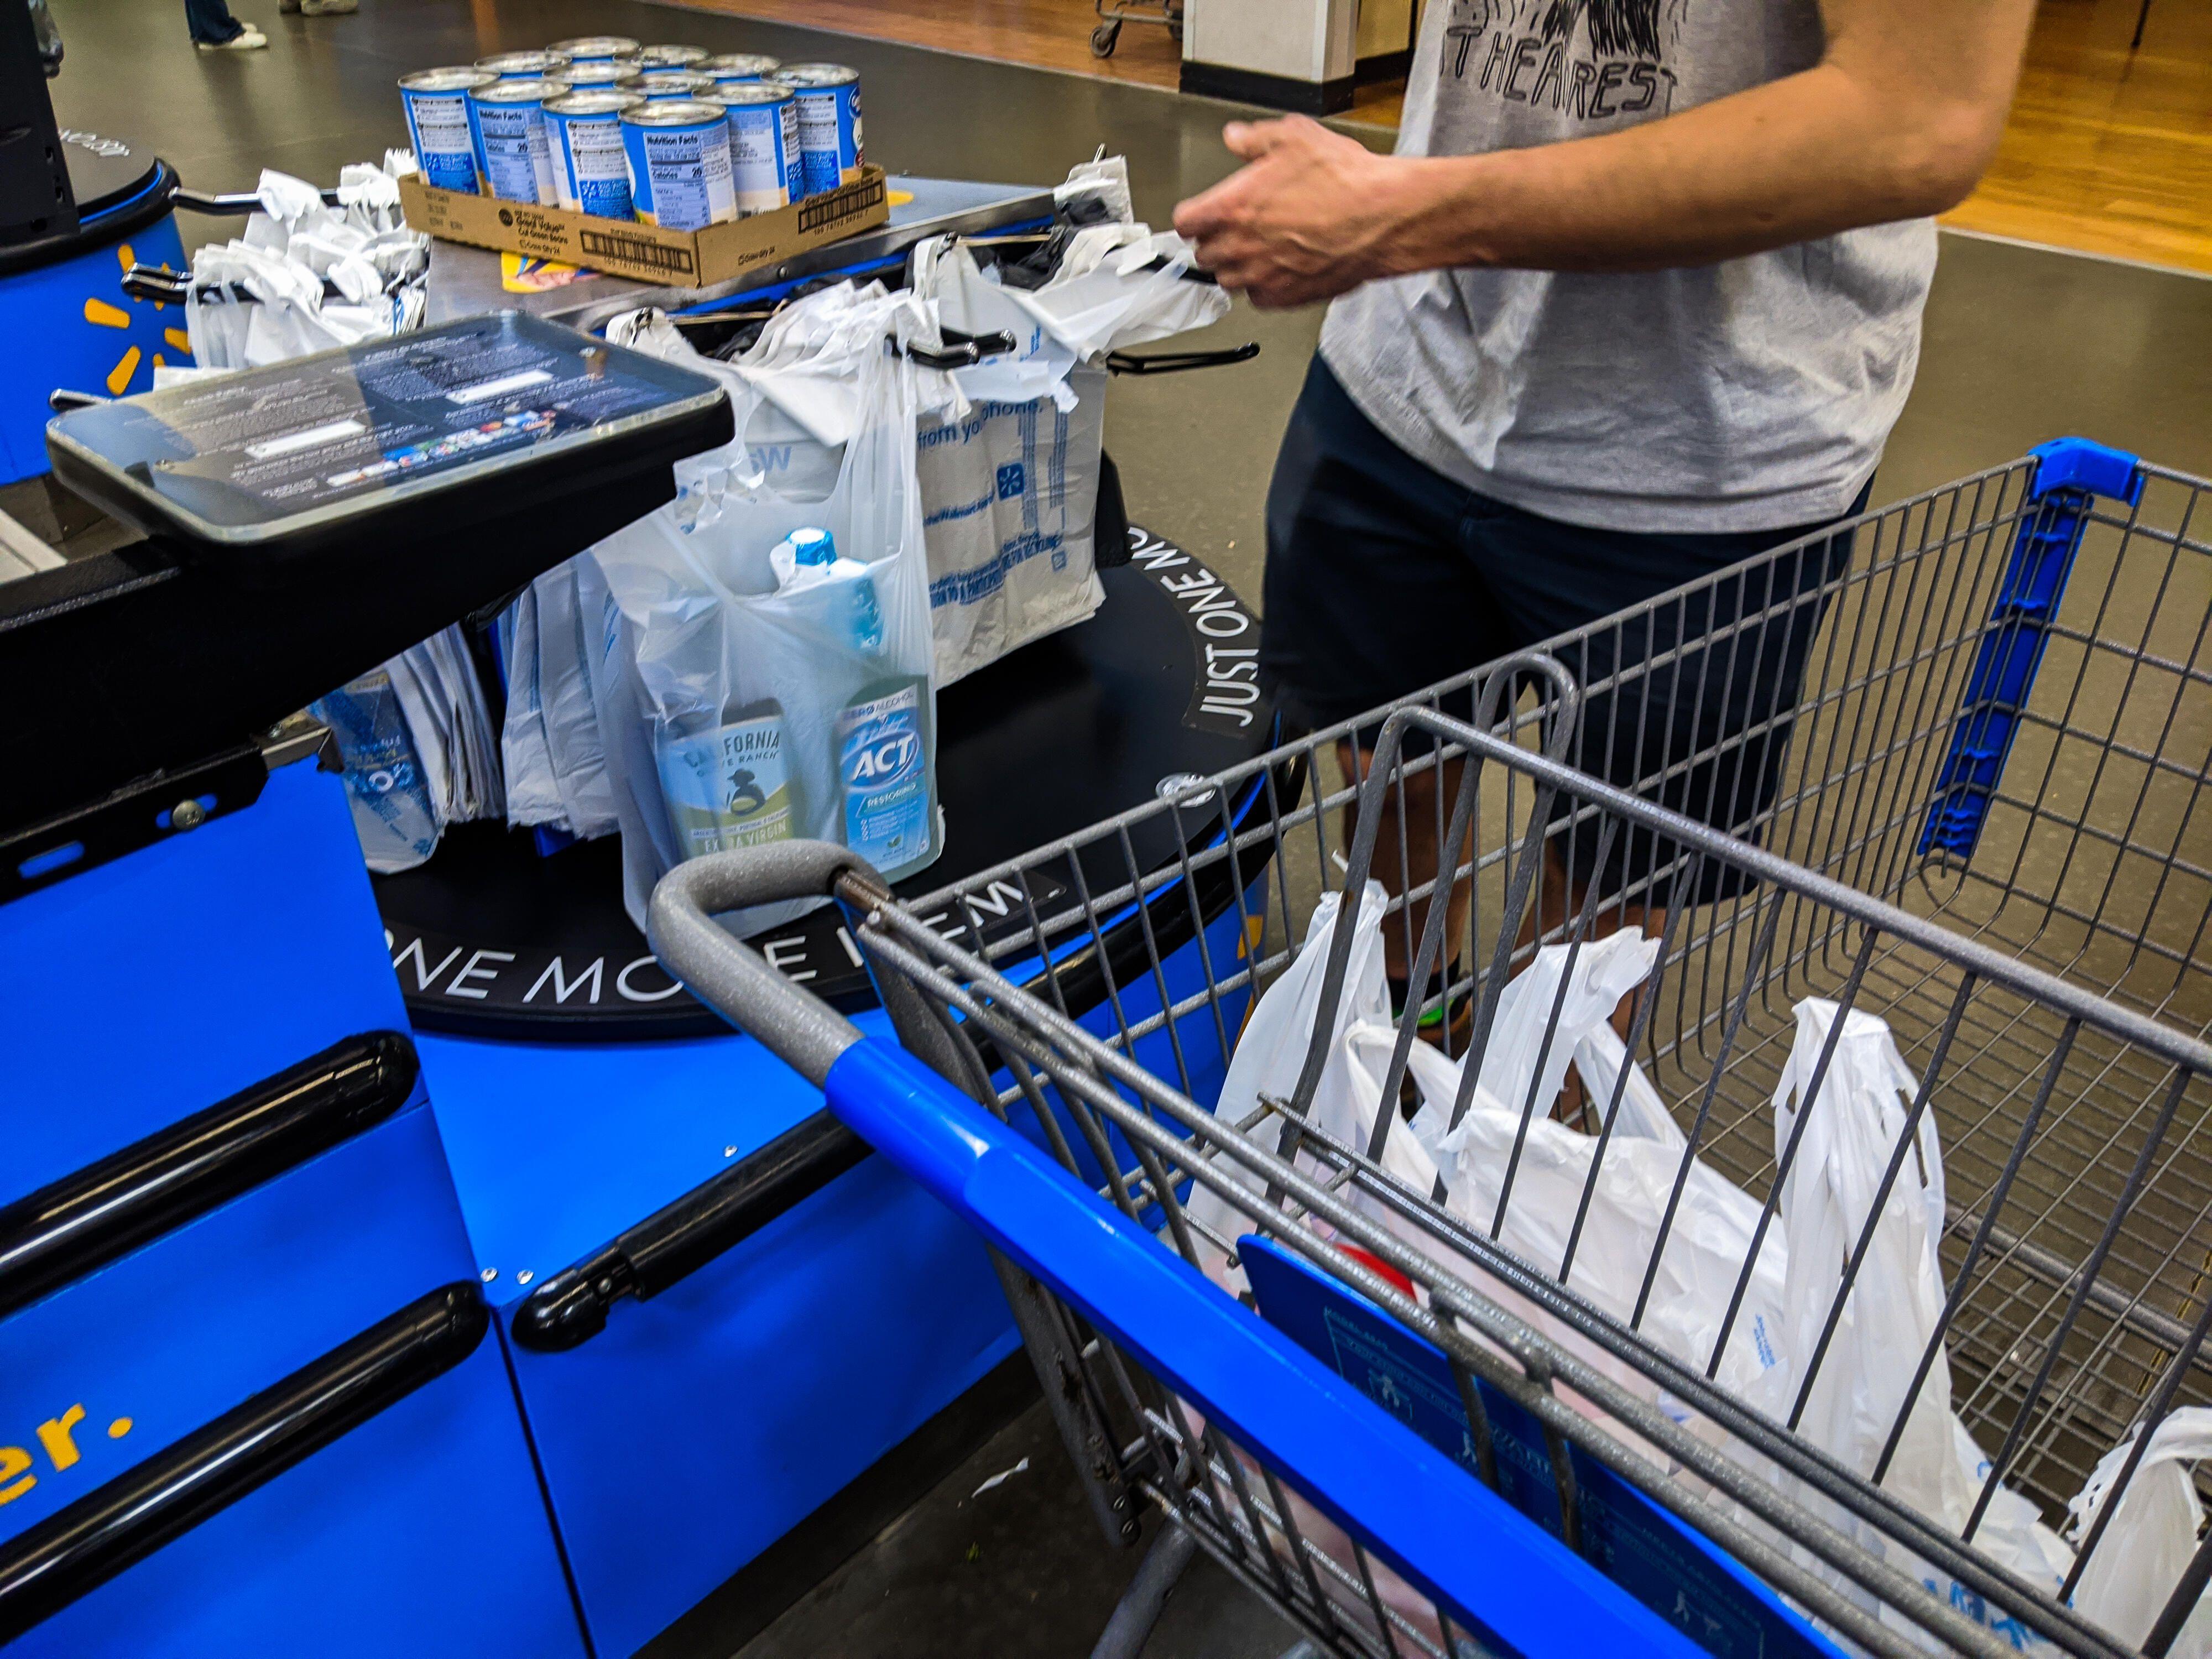 07-groceries-walmart